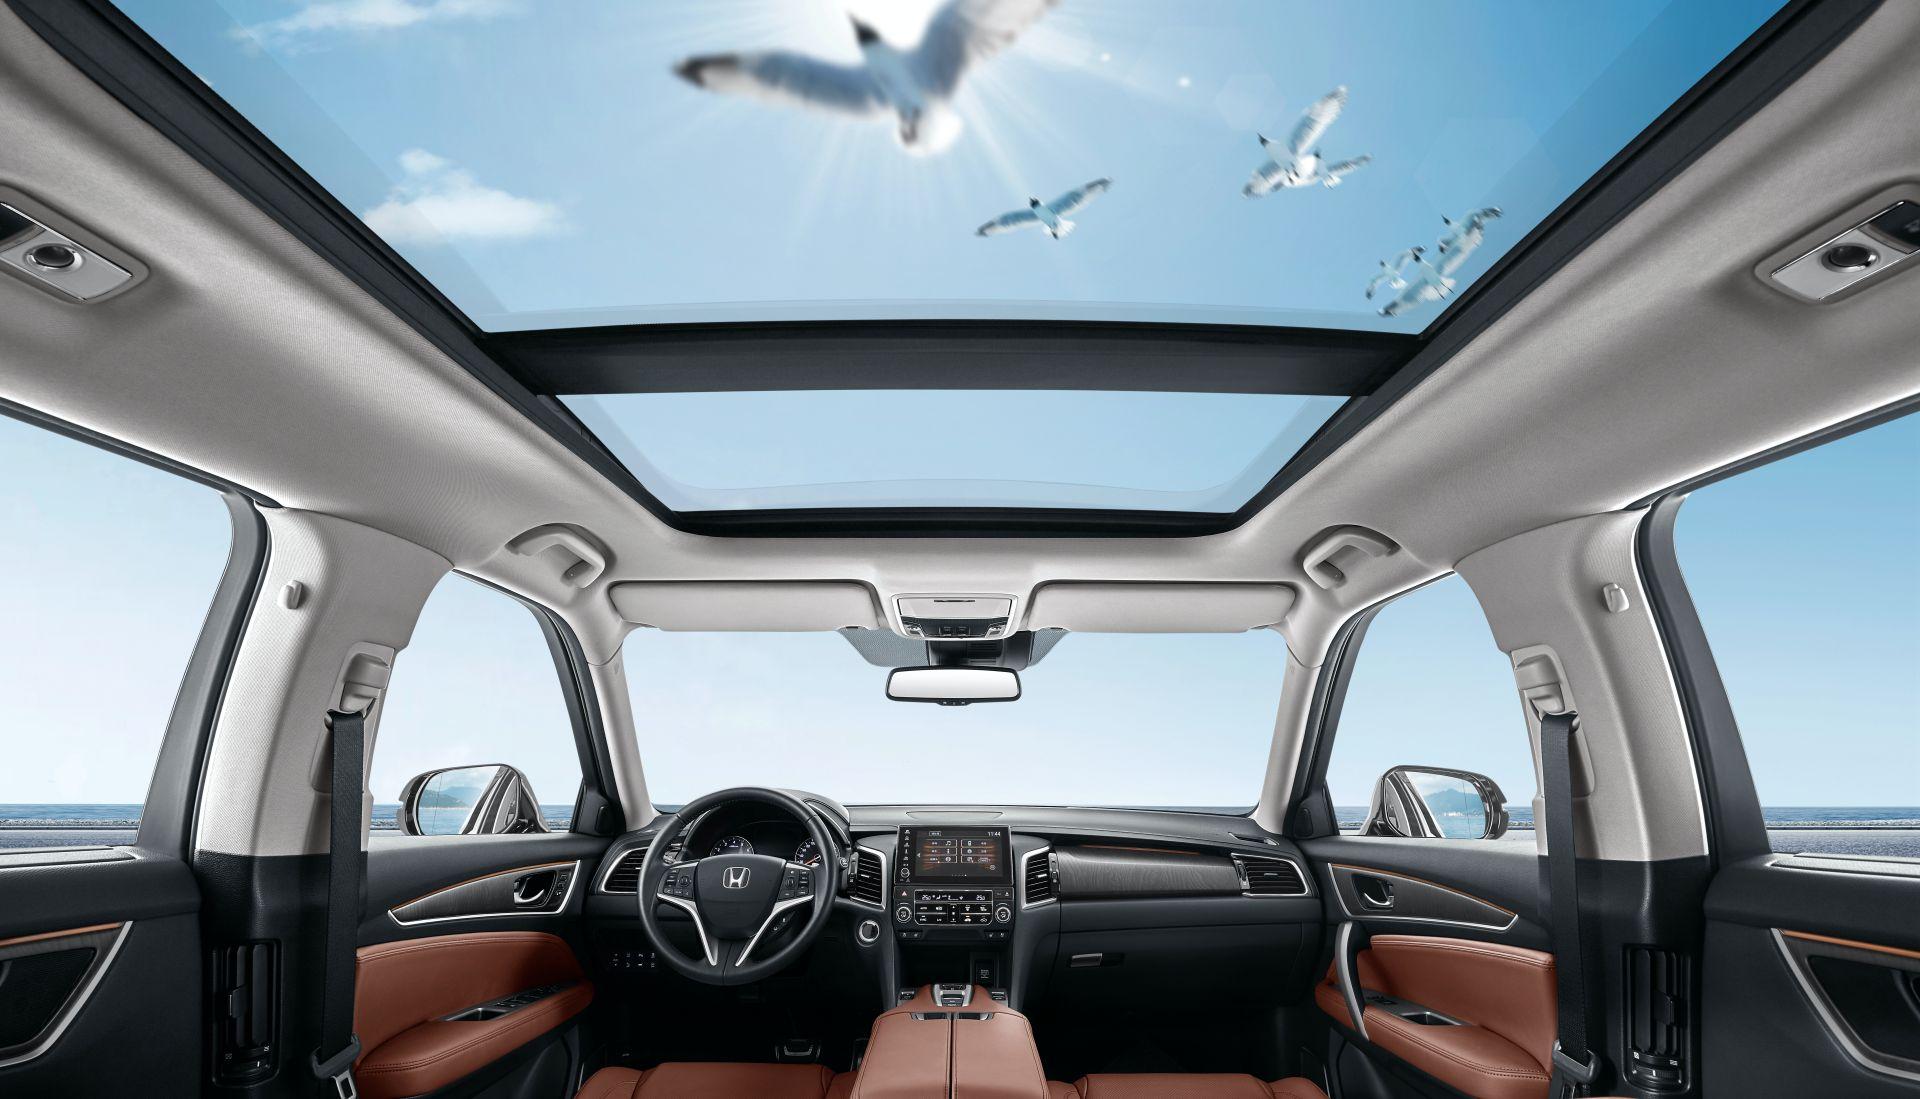 Mẫu SUV hàng đầu Avancier 2020 của Honda nhận được nâng cấp vượt trội